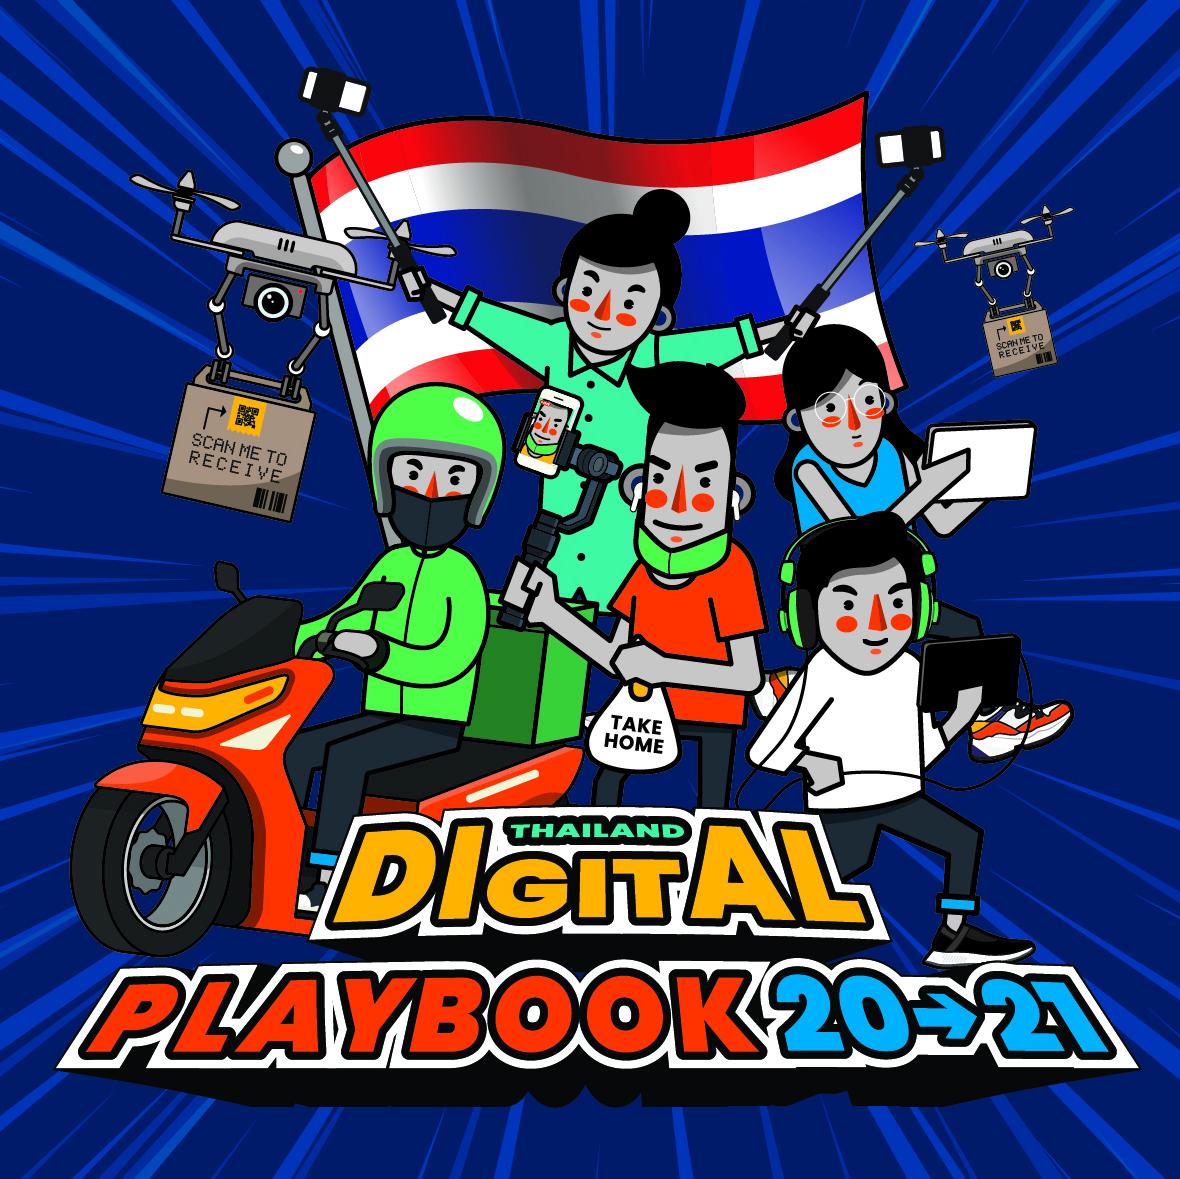 Group M Digital Playbook 20-21